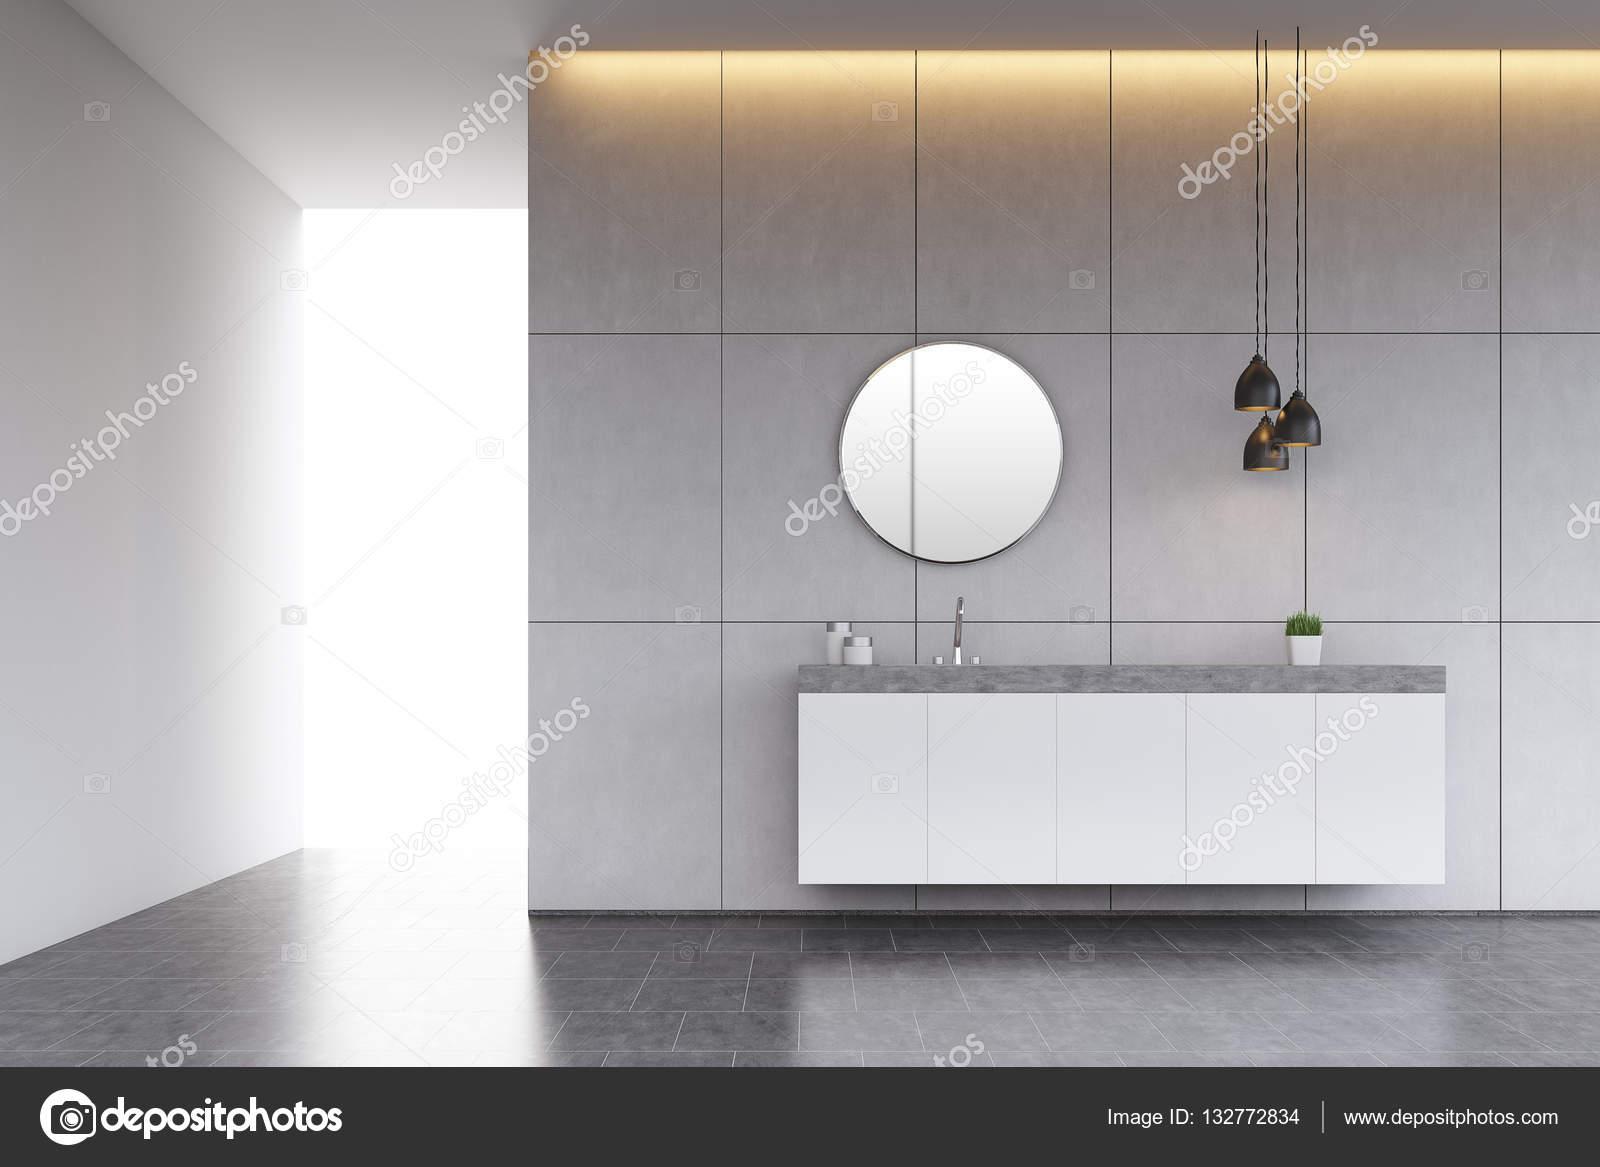 3d Fußboden Fürs Badezimmer ~ Waschbecken im badezimmer mit runder spiegel auf gefliesten wand